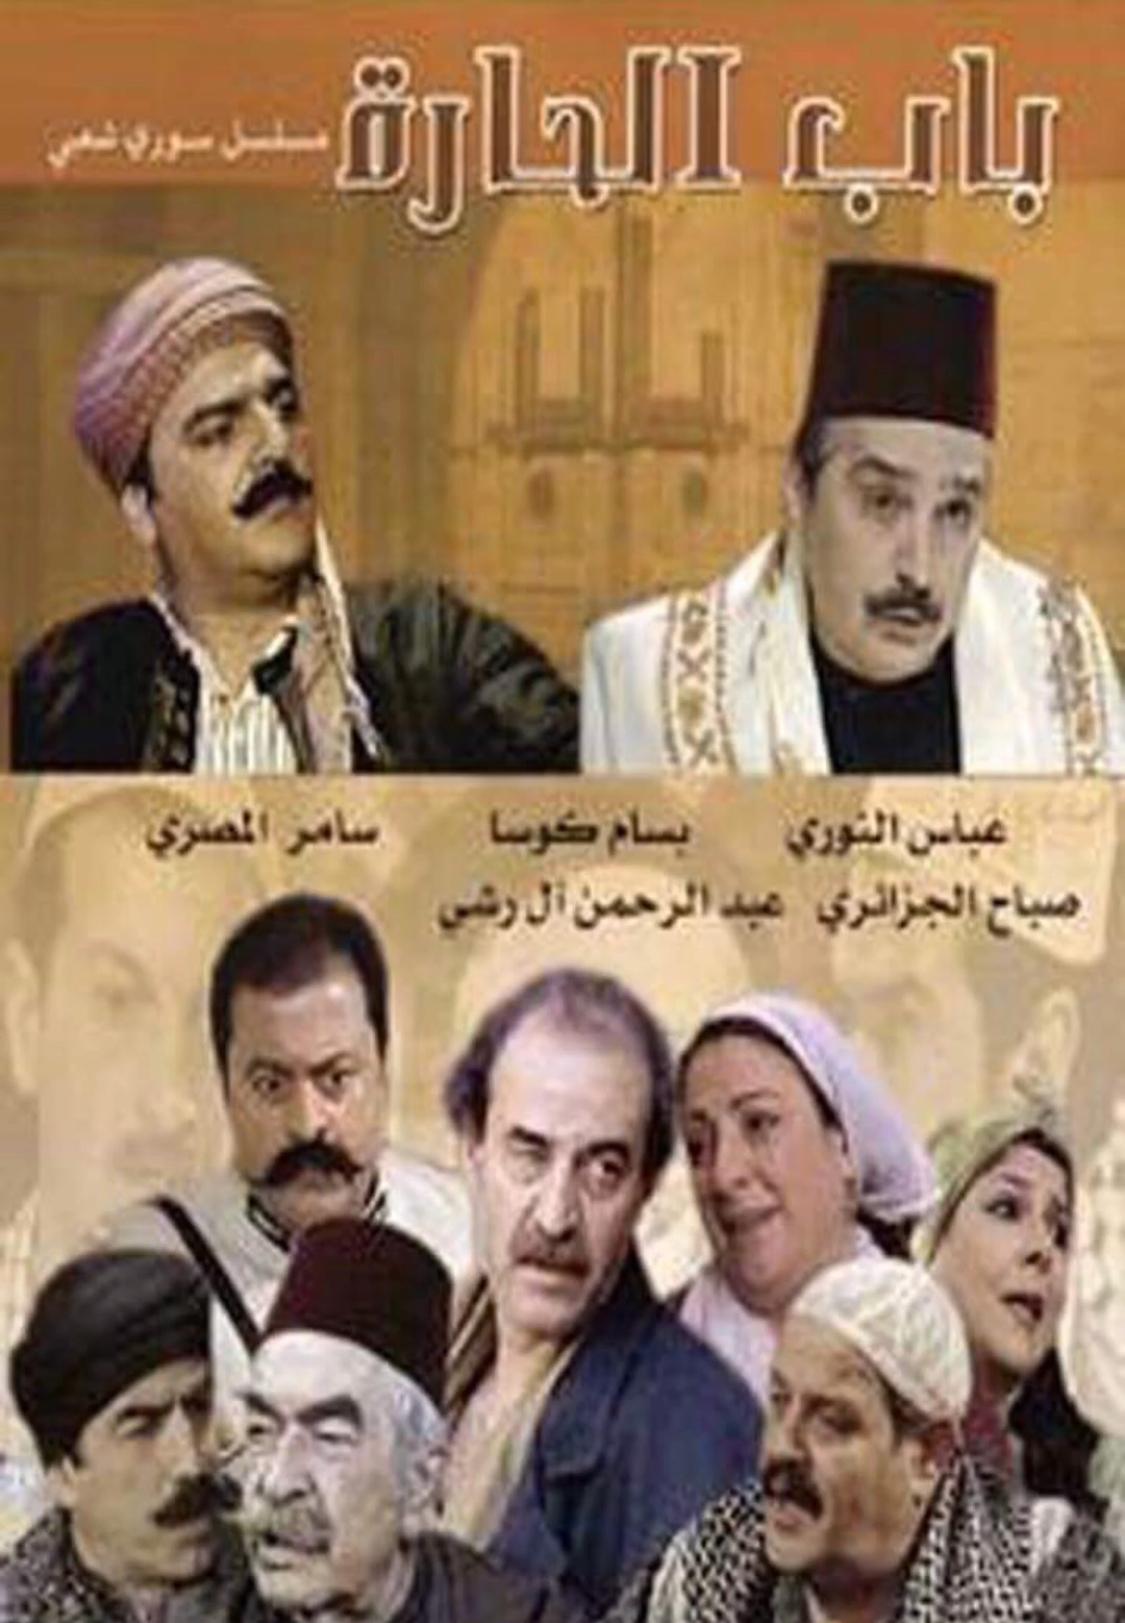 bab el hara 4 complet